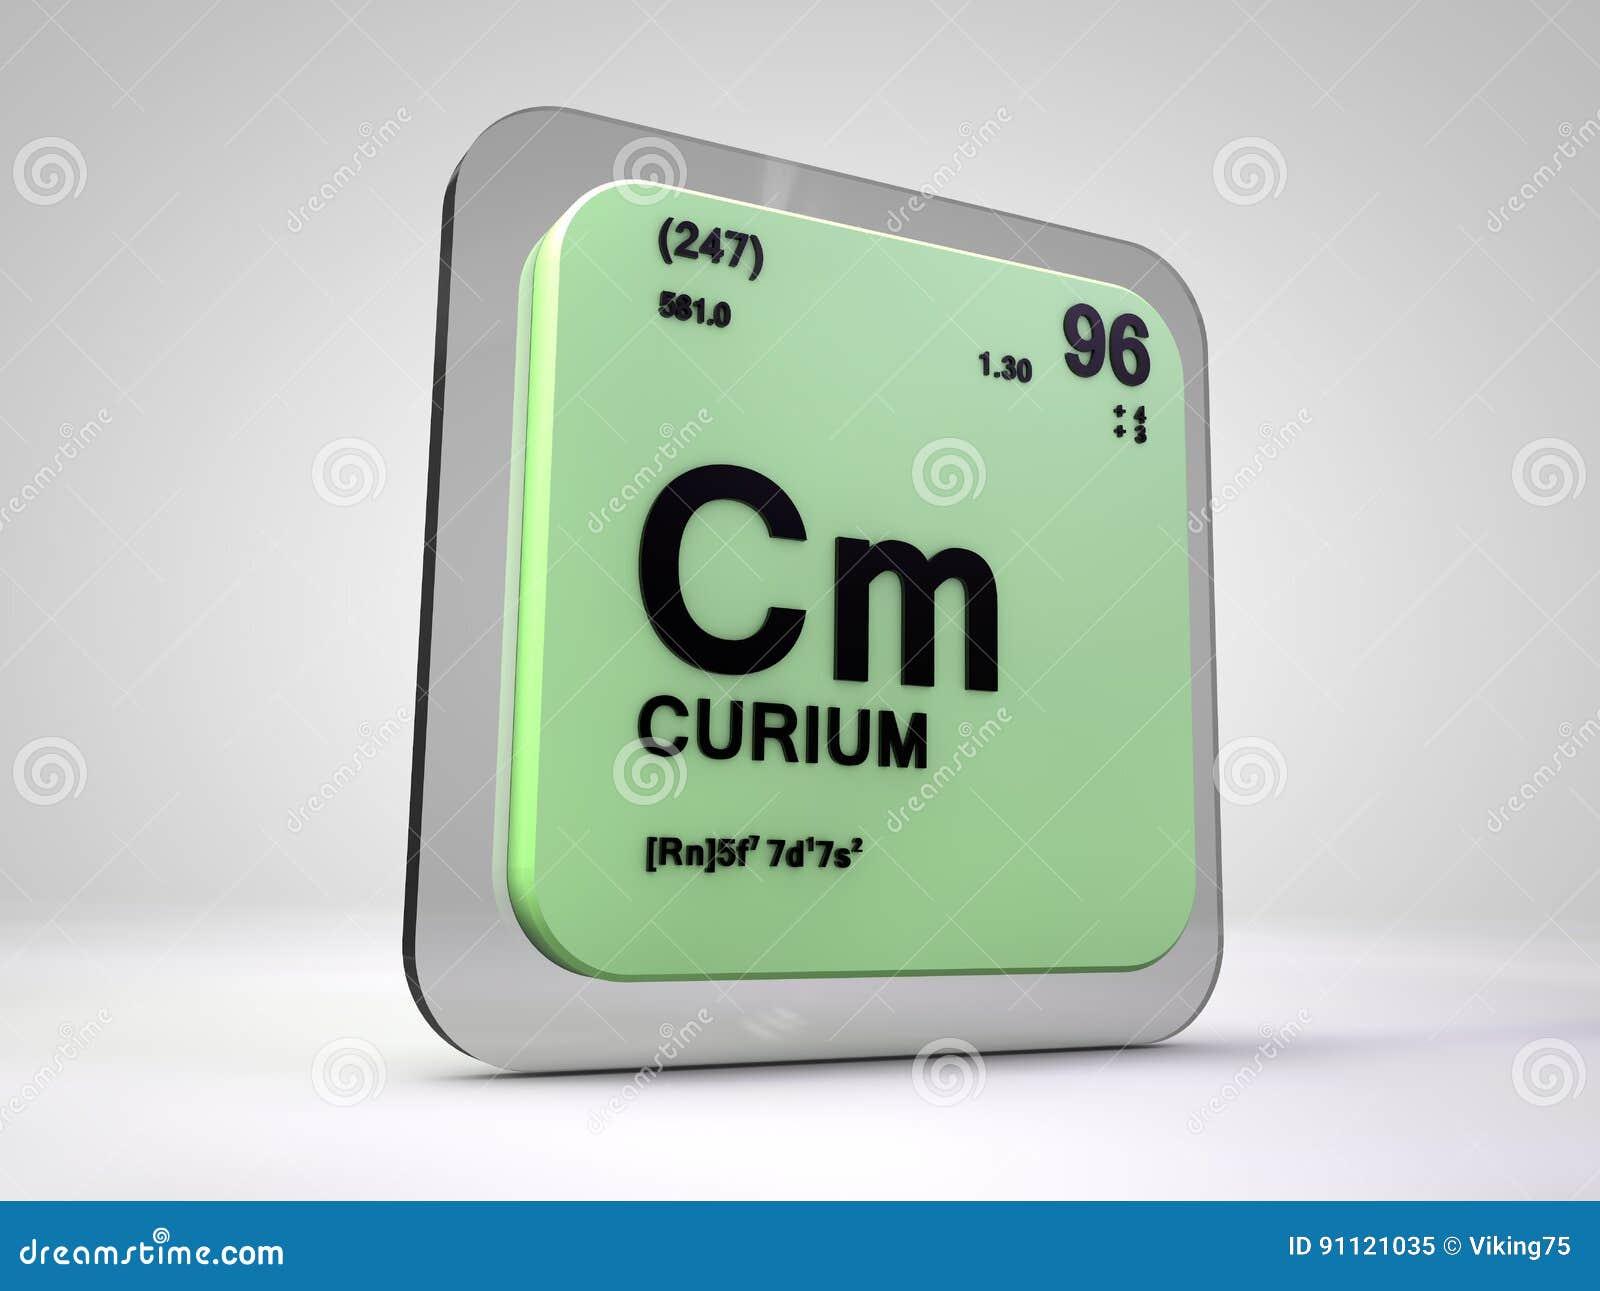 Curium Cm Chemical Element Periodic Table Stock Illustration